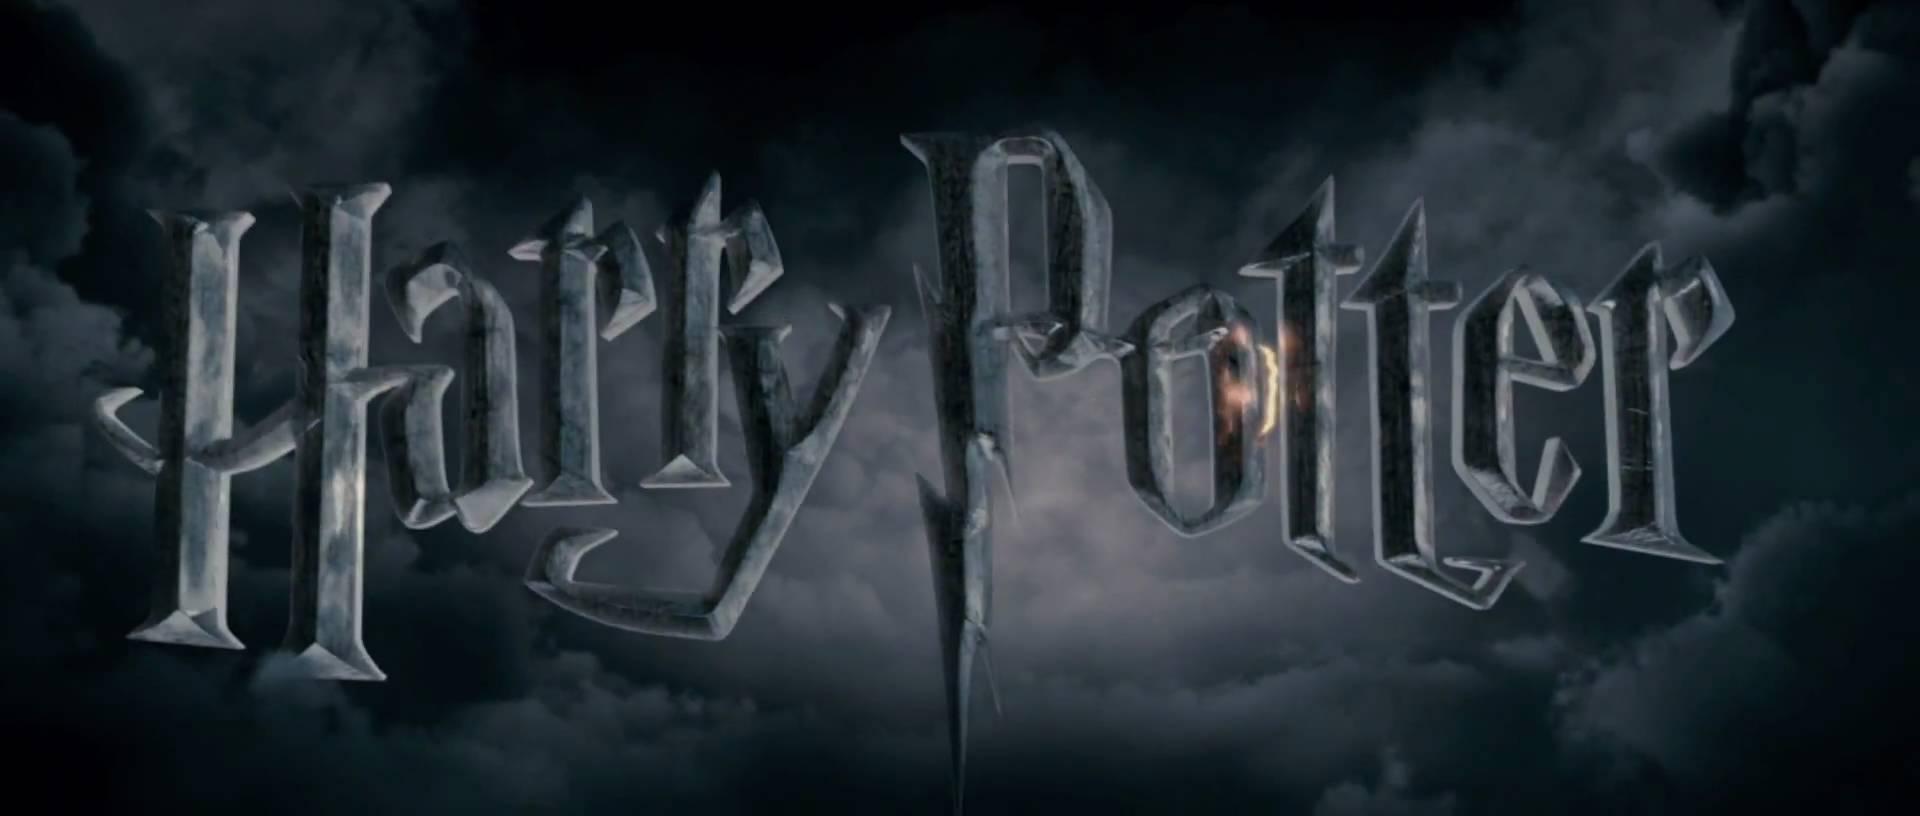 Sztuczna Inteligencja napisała kolejny rozdział przygód Harry'ego Pottera. Jest śmiesznie